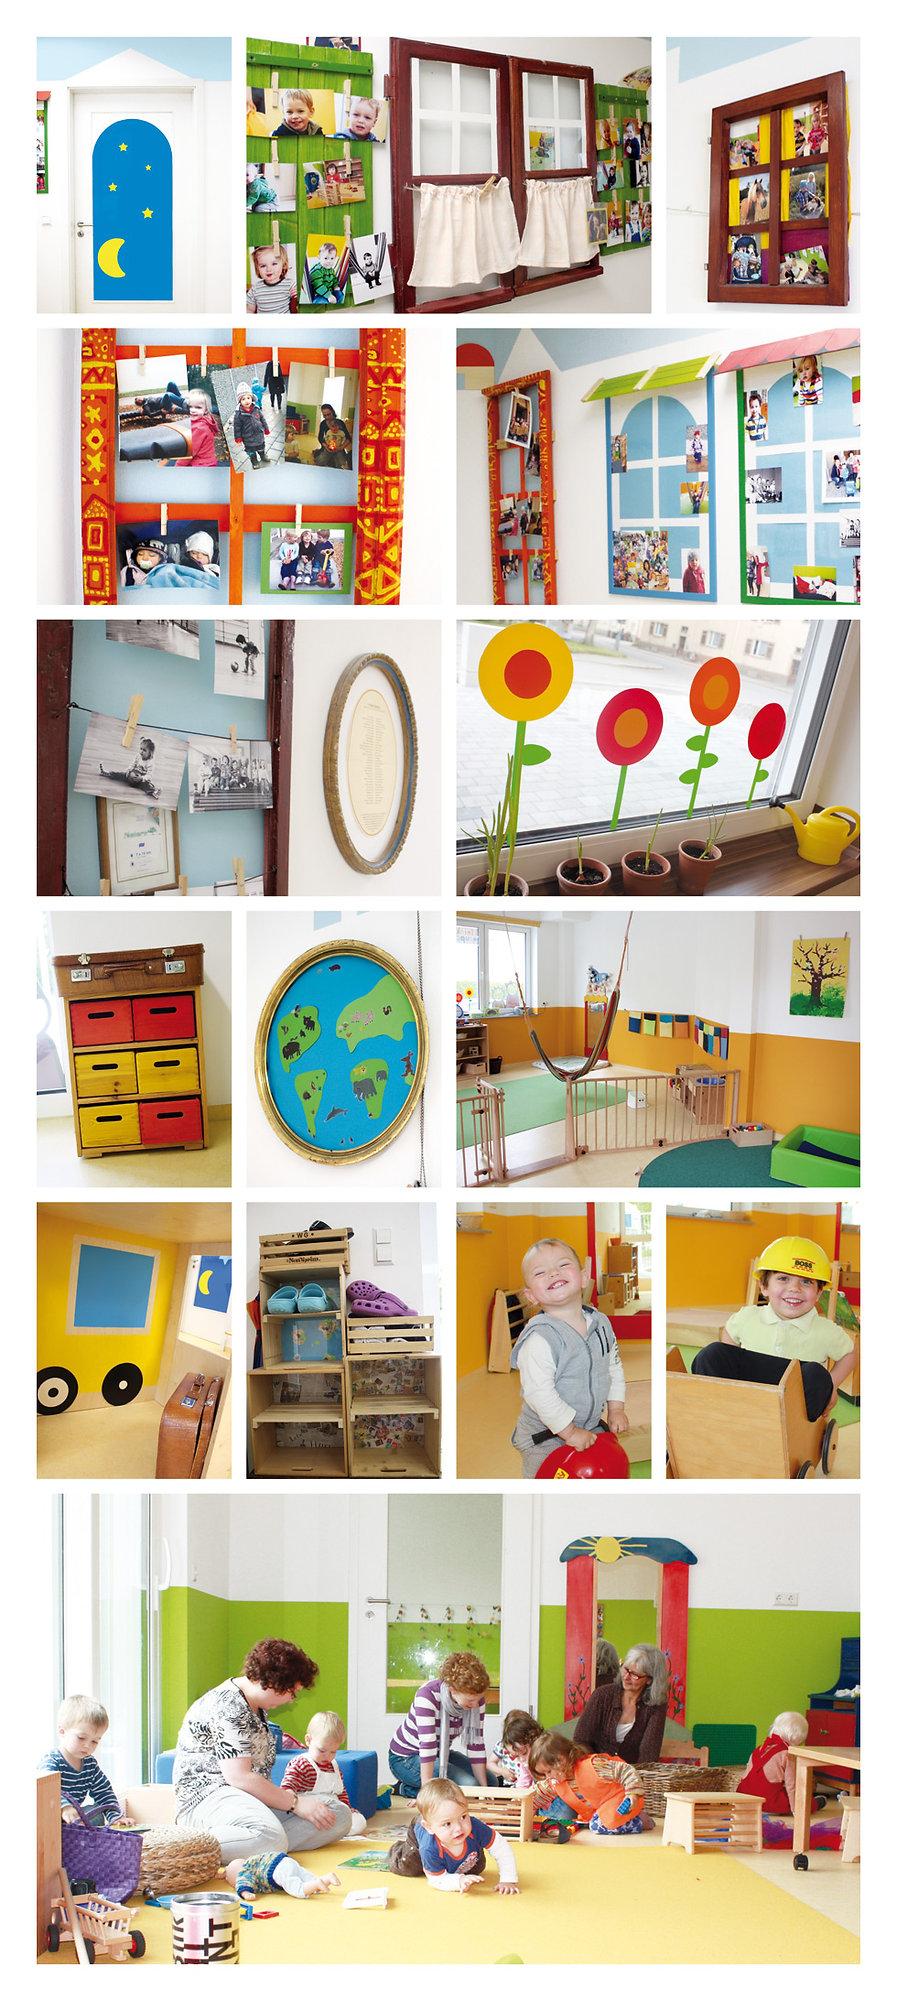 Grafik, Design, Tübingen, meinblick, Pietro Conte, Agentur, Interior Design